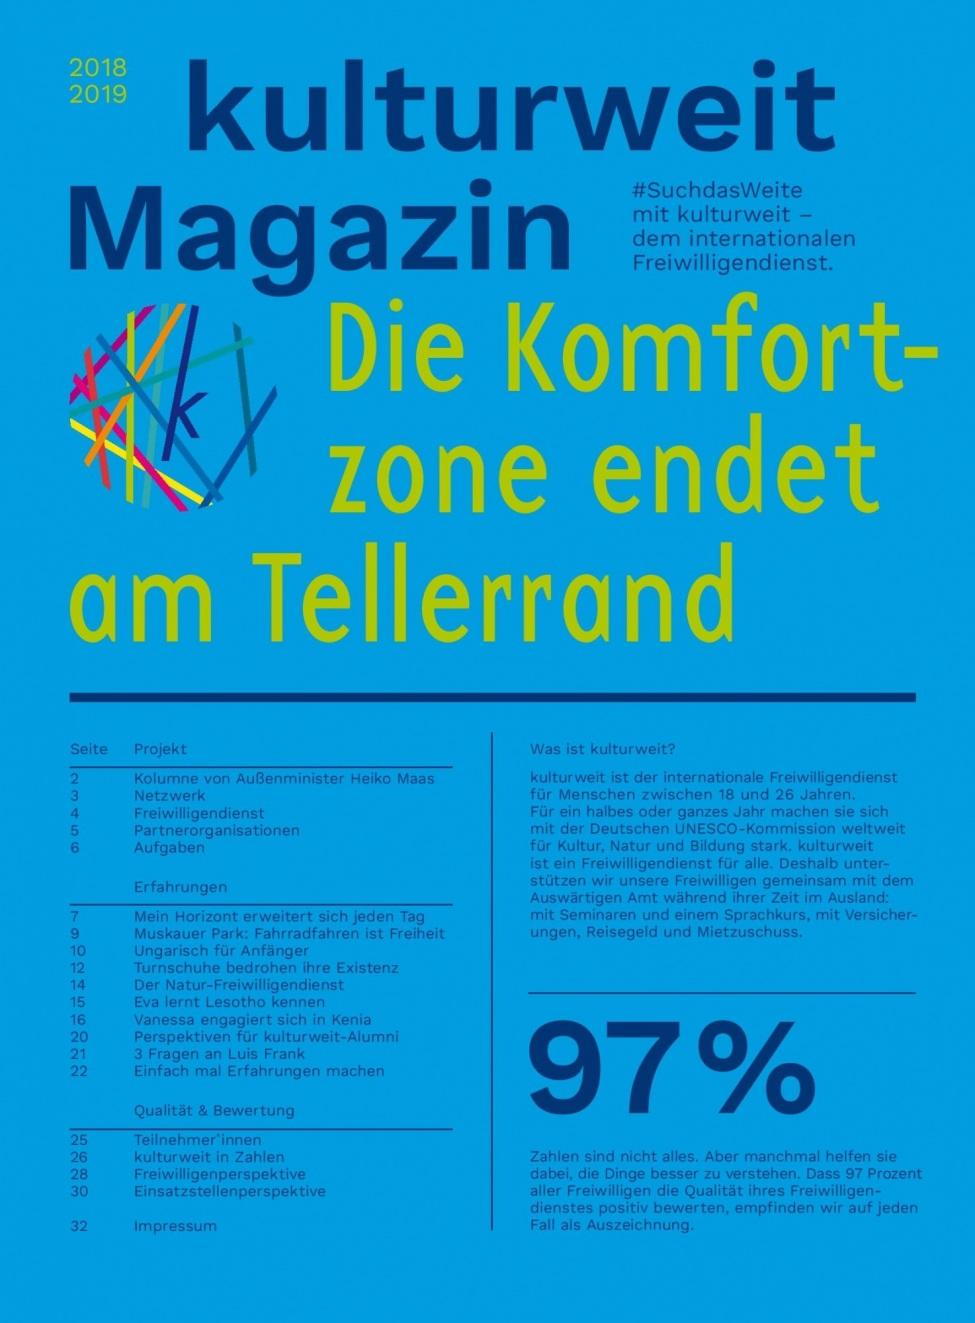 Titelseite des kulturweit-Magazins 2018/2019